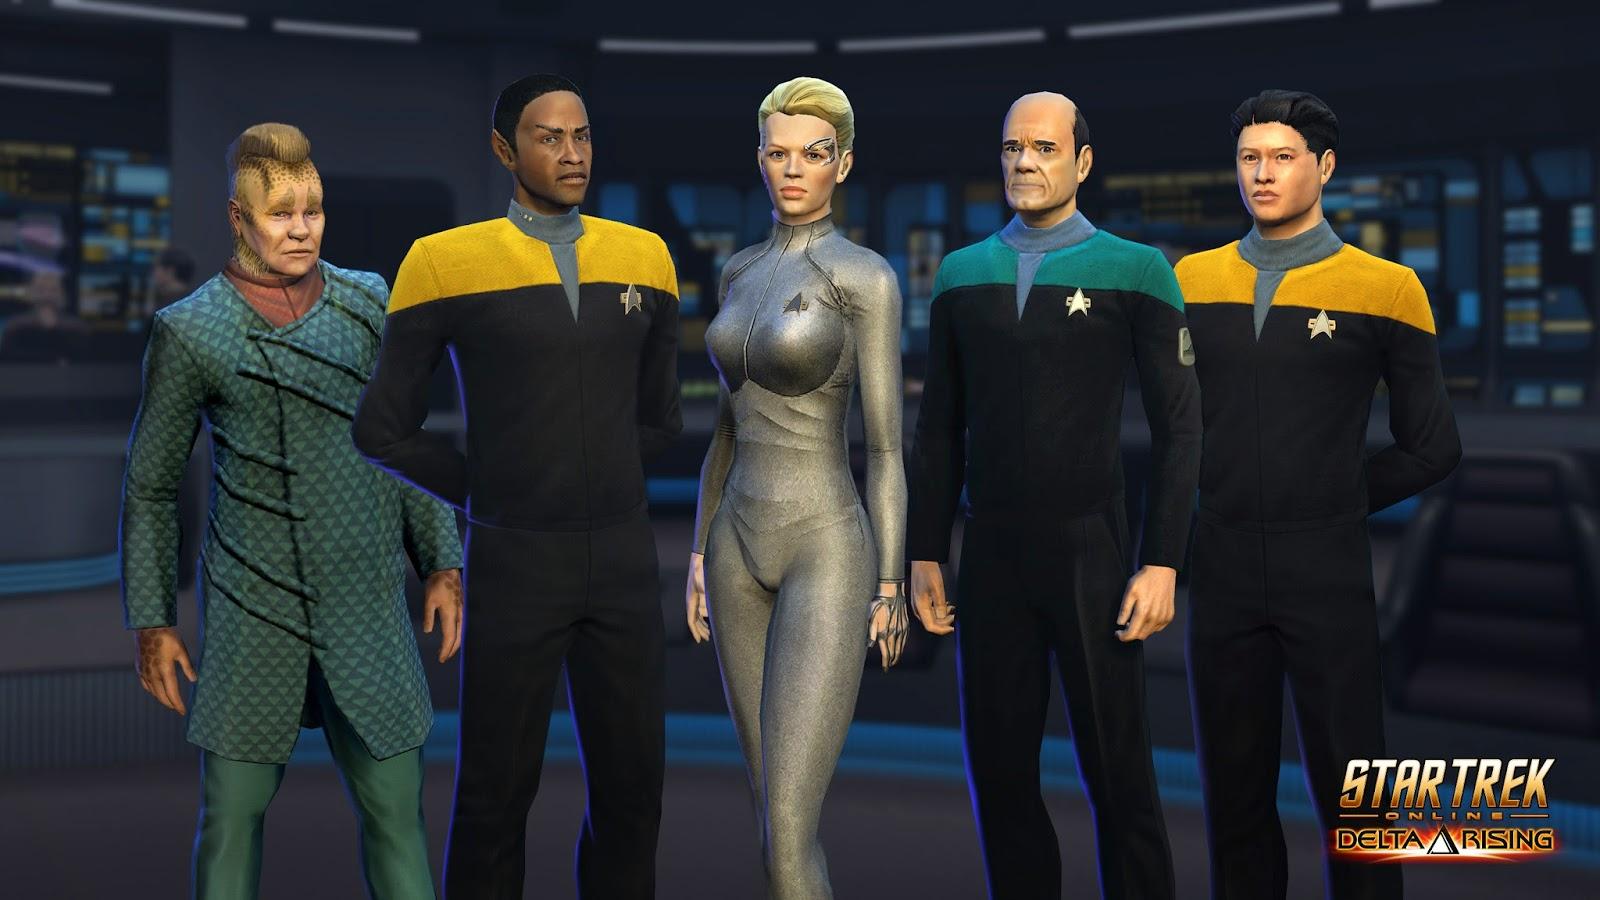 Star Trek Online setzt voll auf Voyager-Nostalgie – Klappt das?